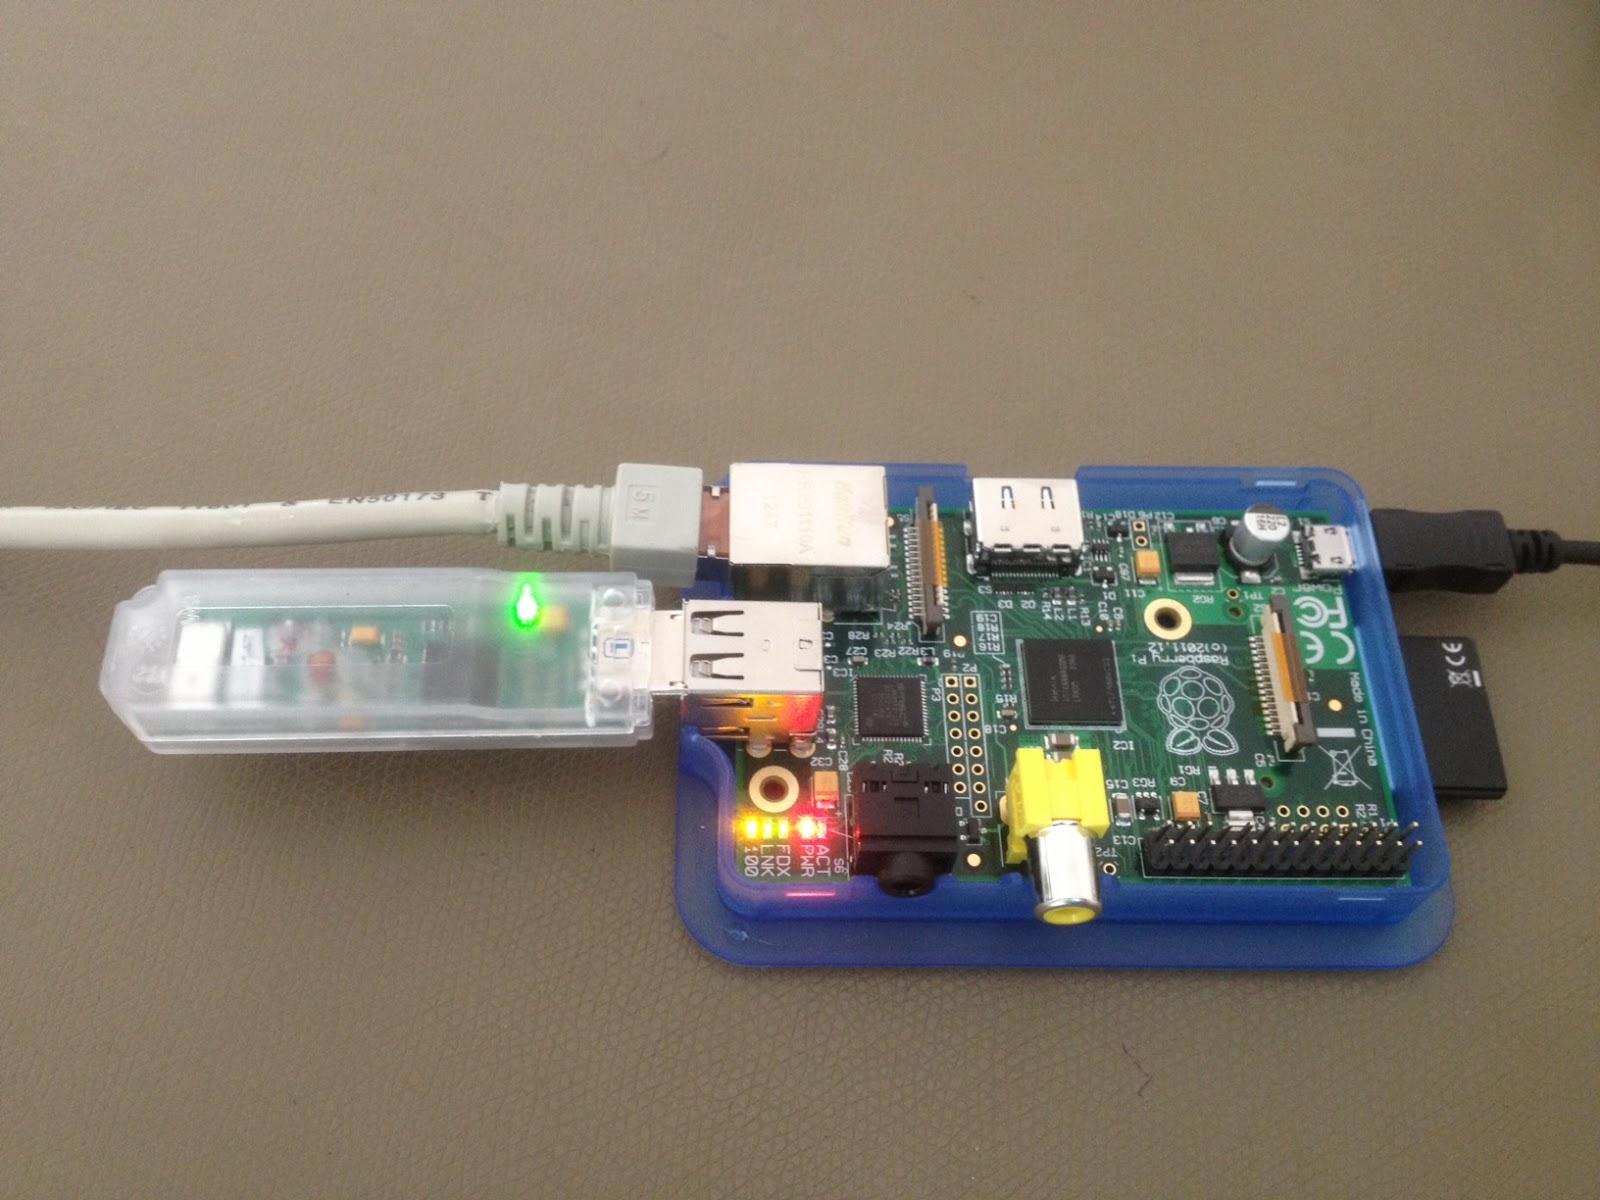 RF-Embedded Developers: UHF RFID Reader for the Raspberry Pi